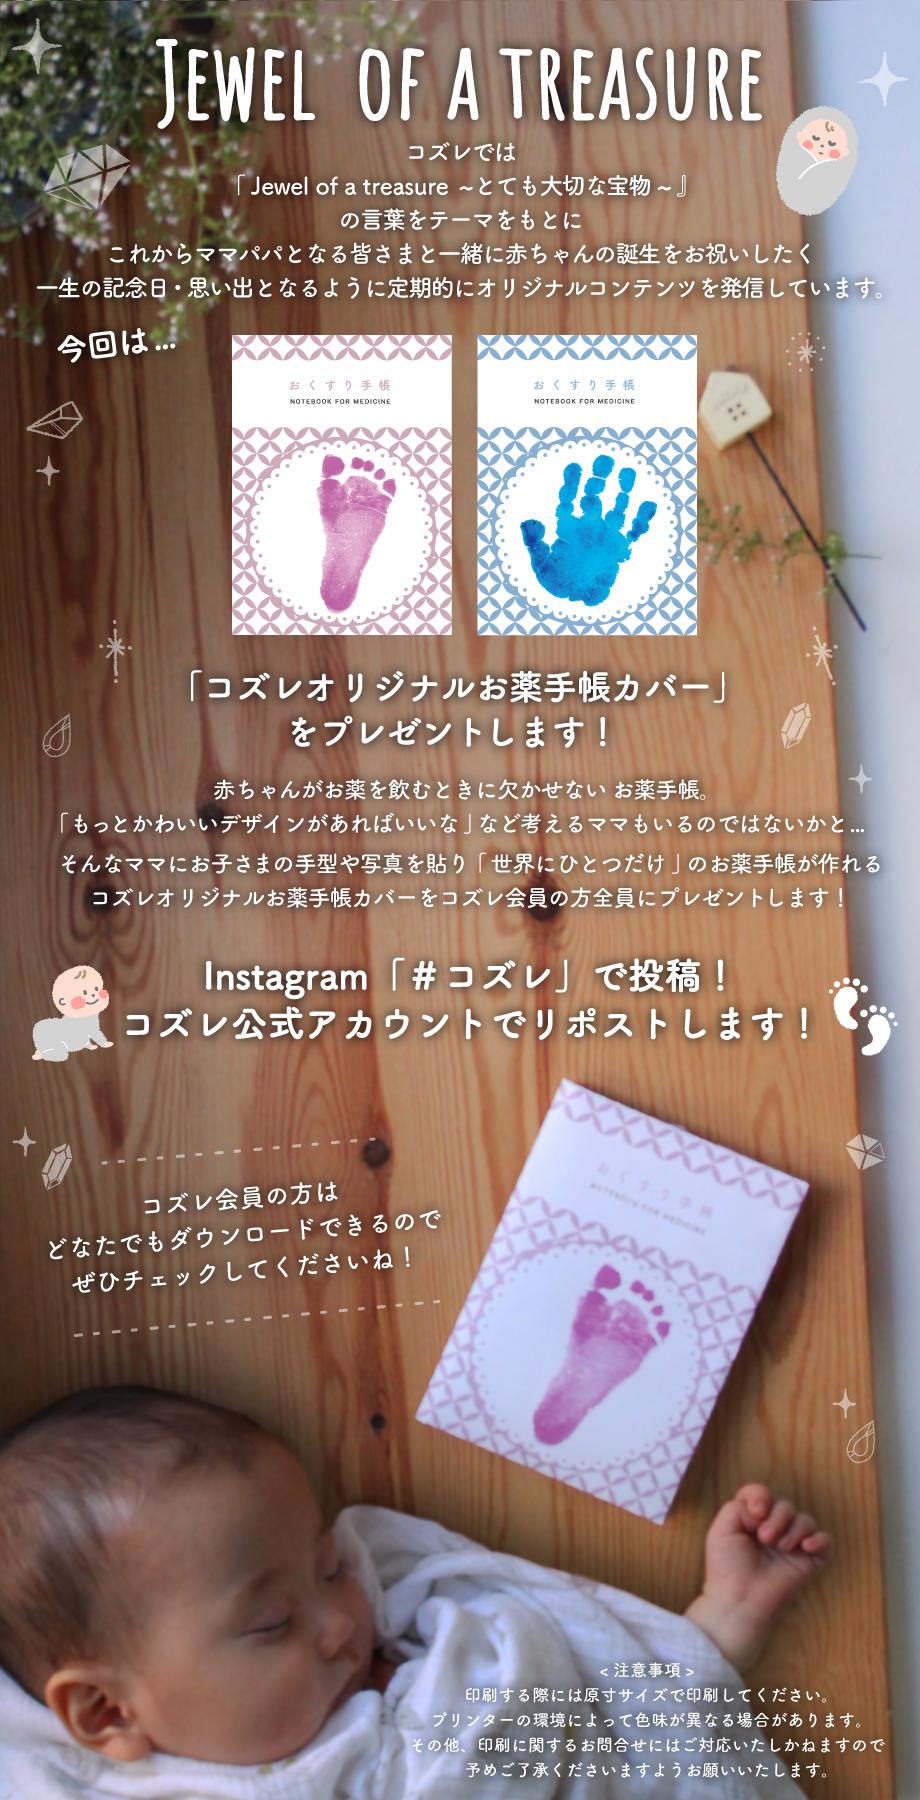 【じぃじ、ばぁばへのプレゼントにおすすめ】コズレオリジナルお薬手帳カバーを全員にプレゼント